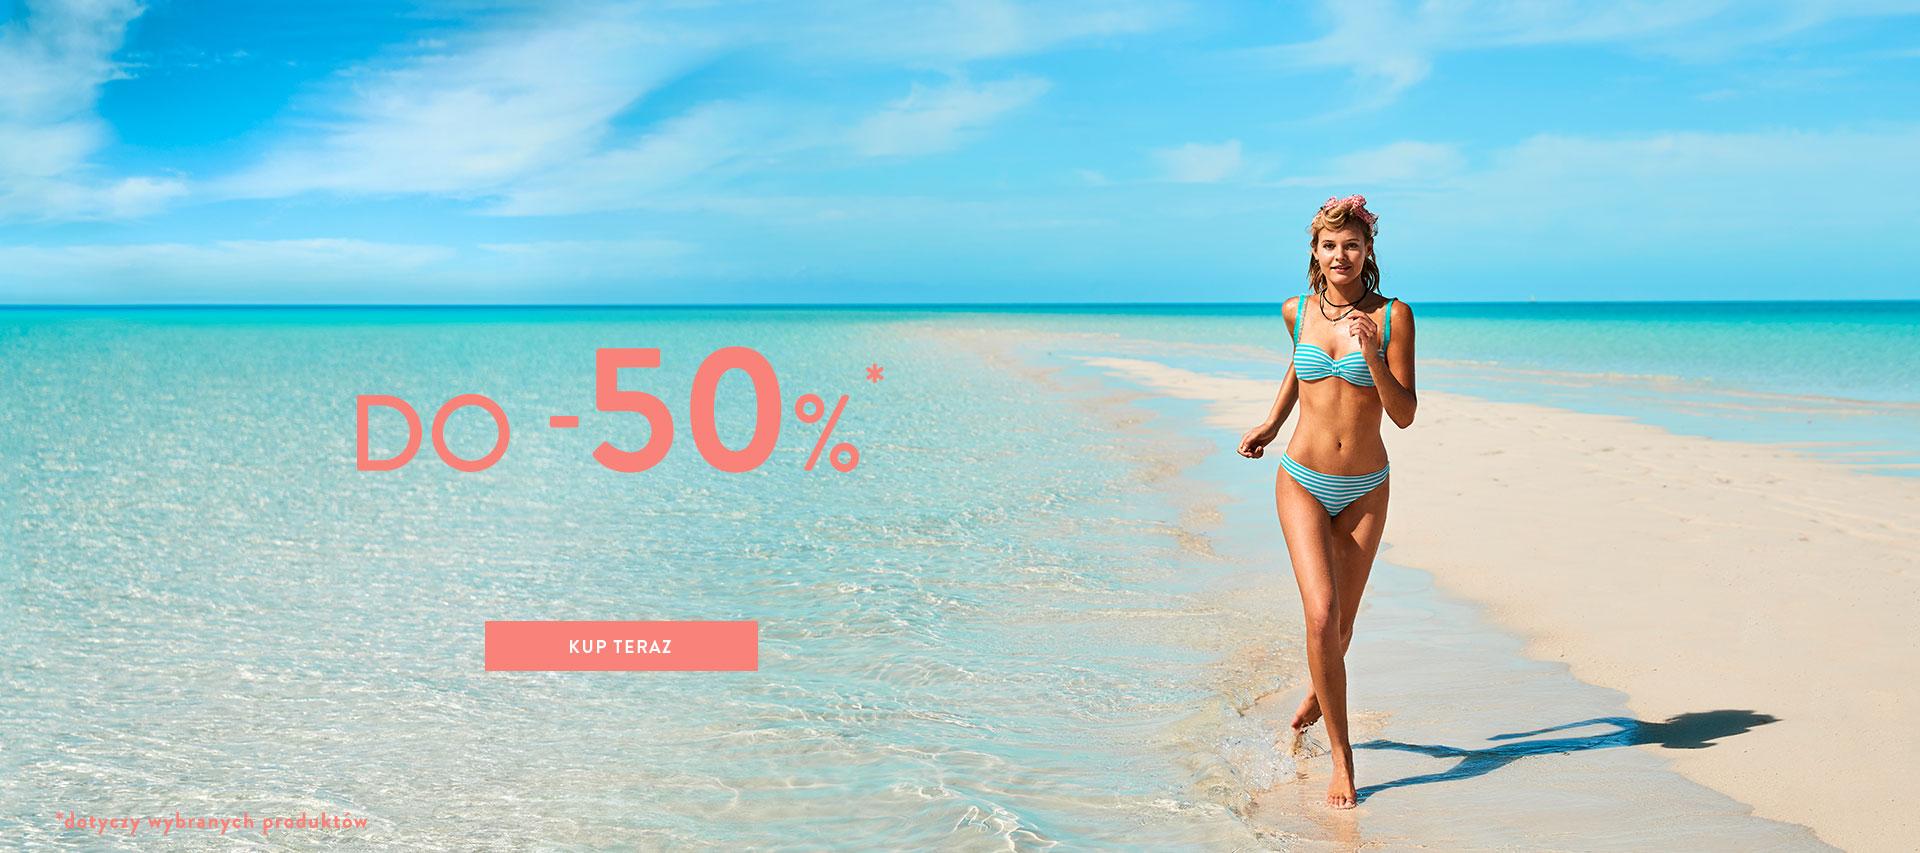 Calzedonia: wyprzedaż do 50% rabatu na bieliznę, stroje kąpielowe, rajstopy, legginsy oraz pończochy